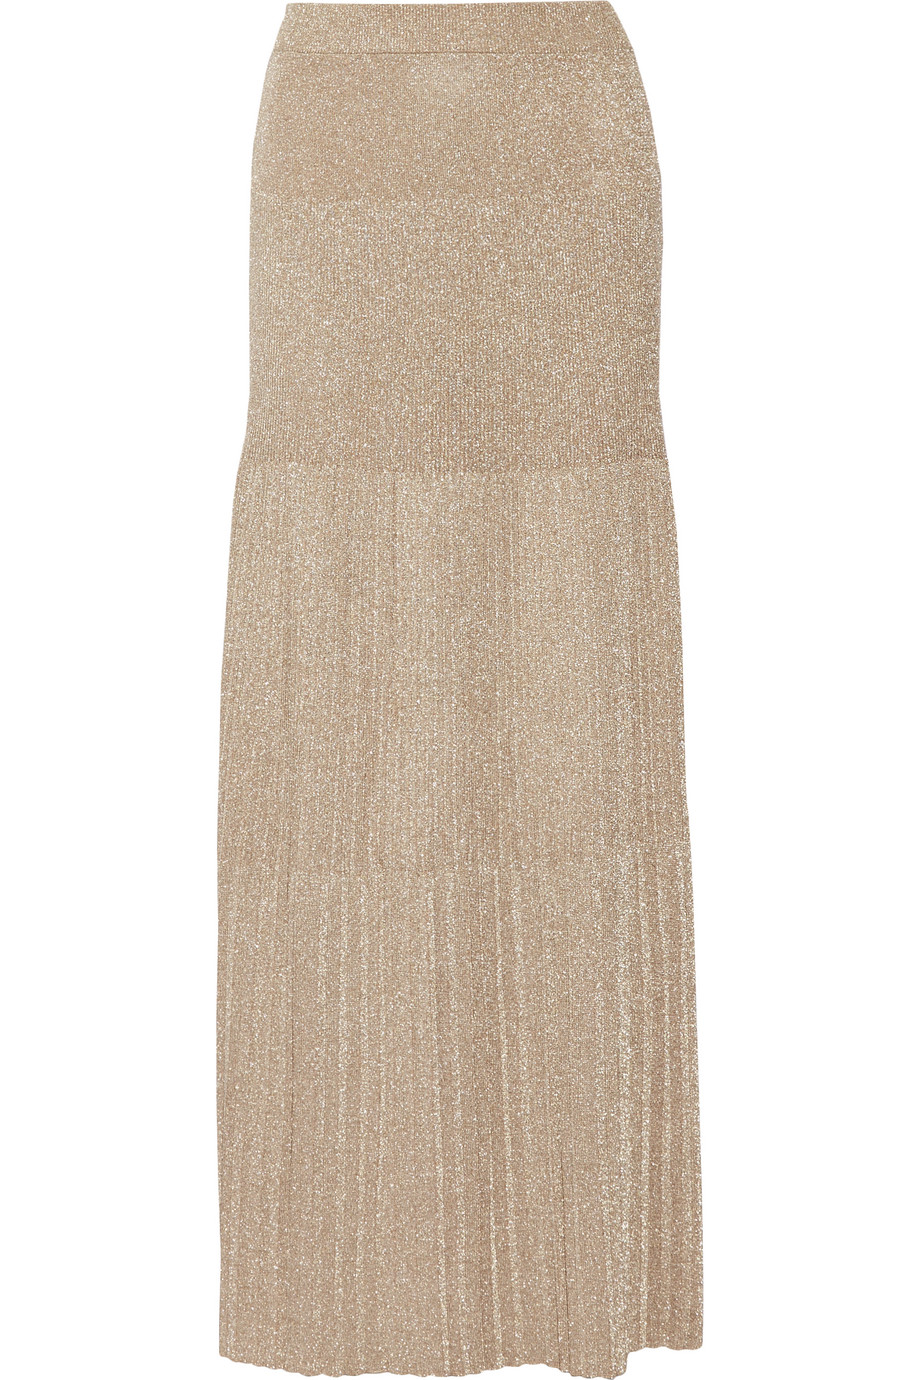 Missoni Pleated Metallic Crochet-Knit Maxi Skirt, Size: 42